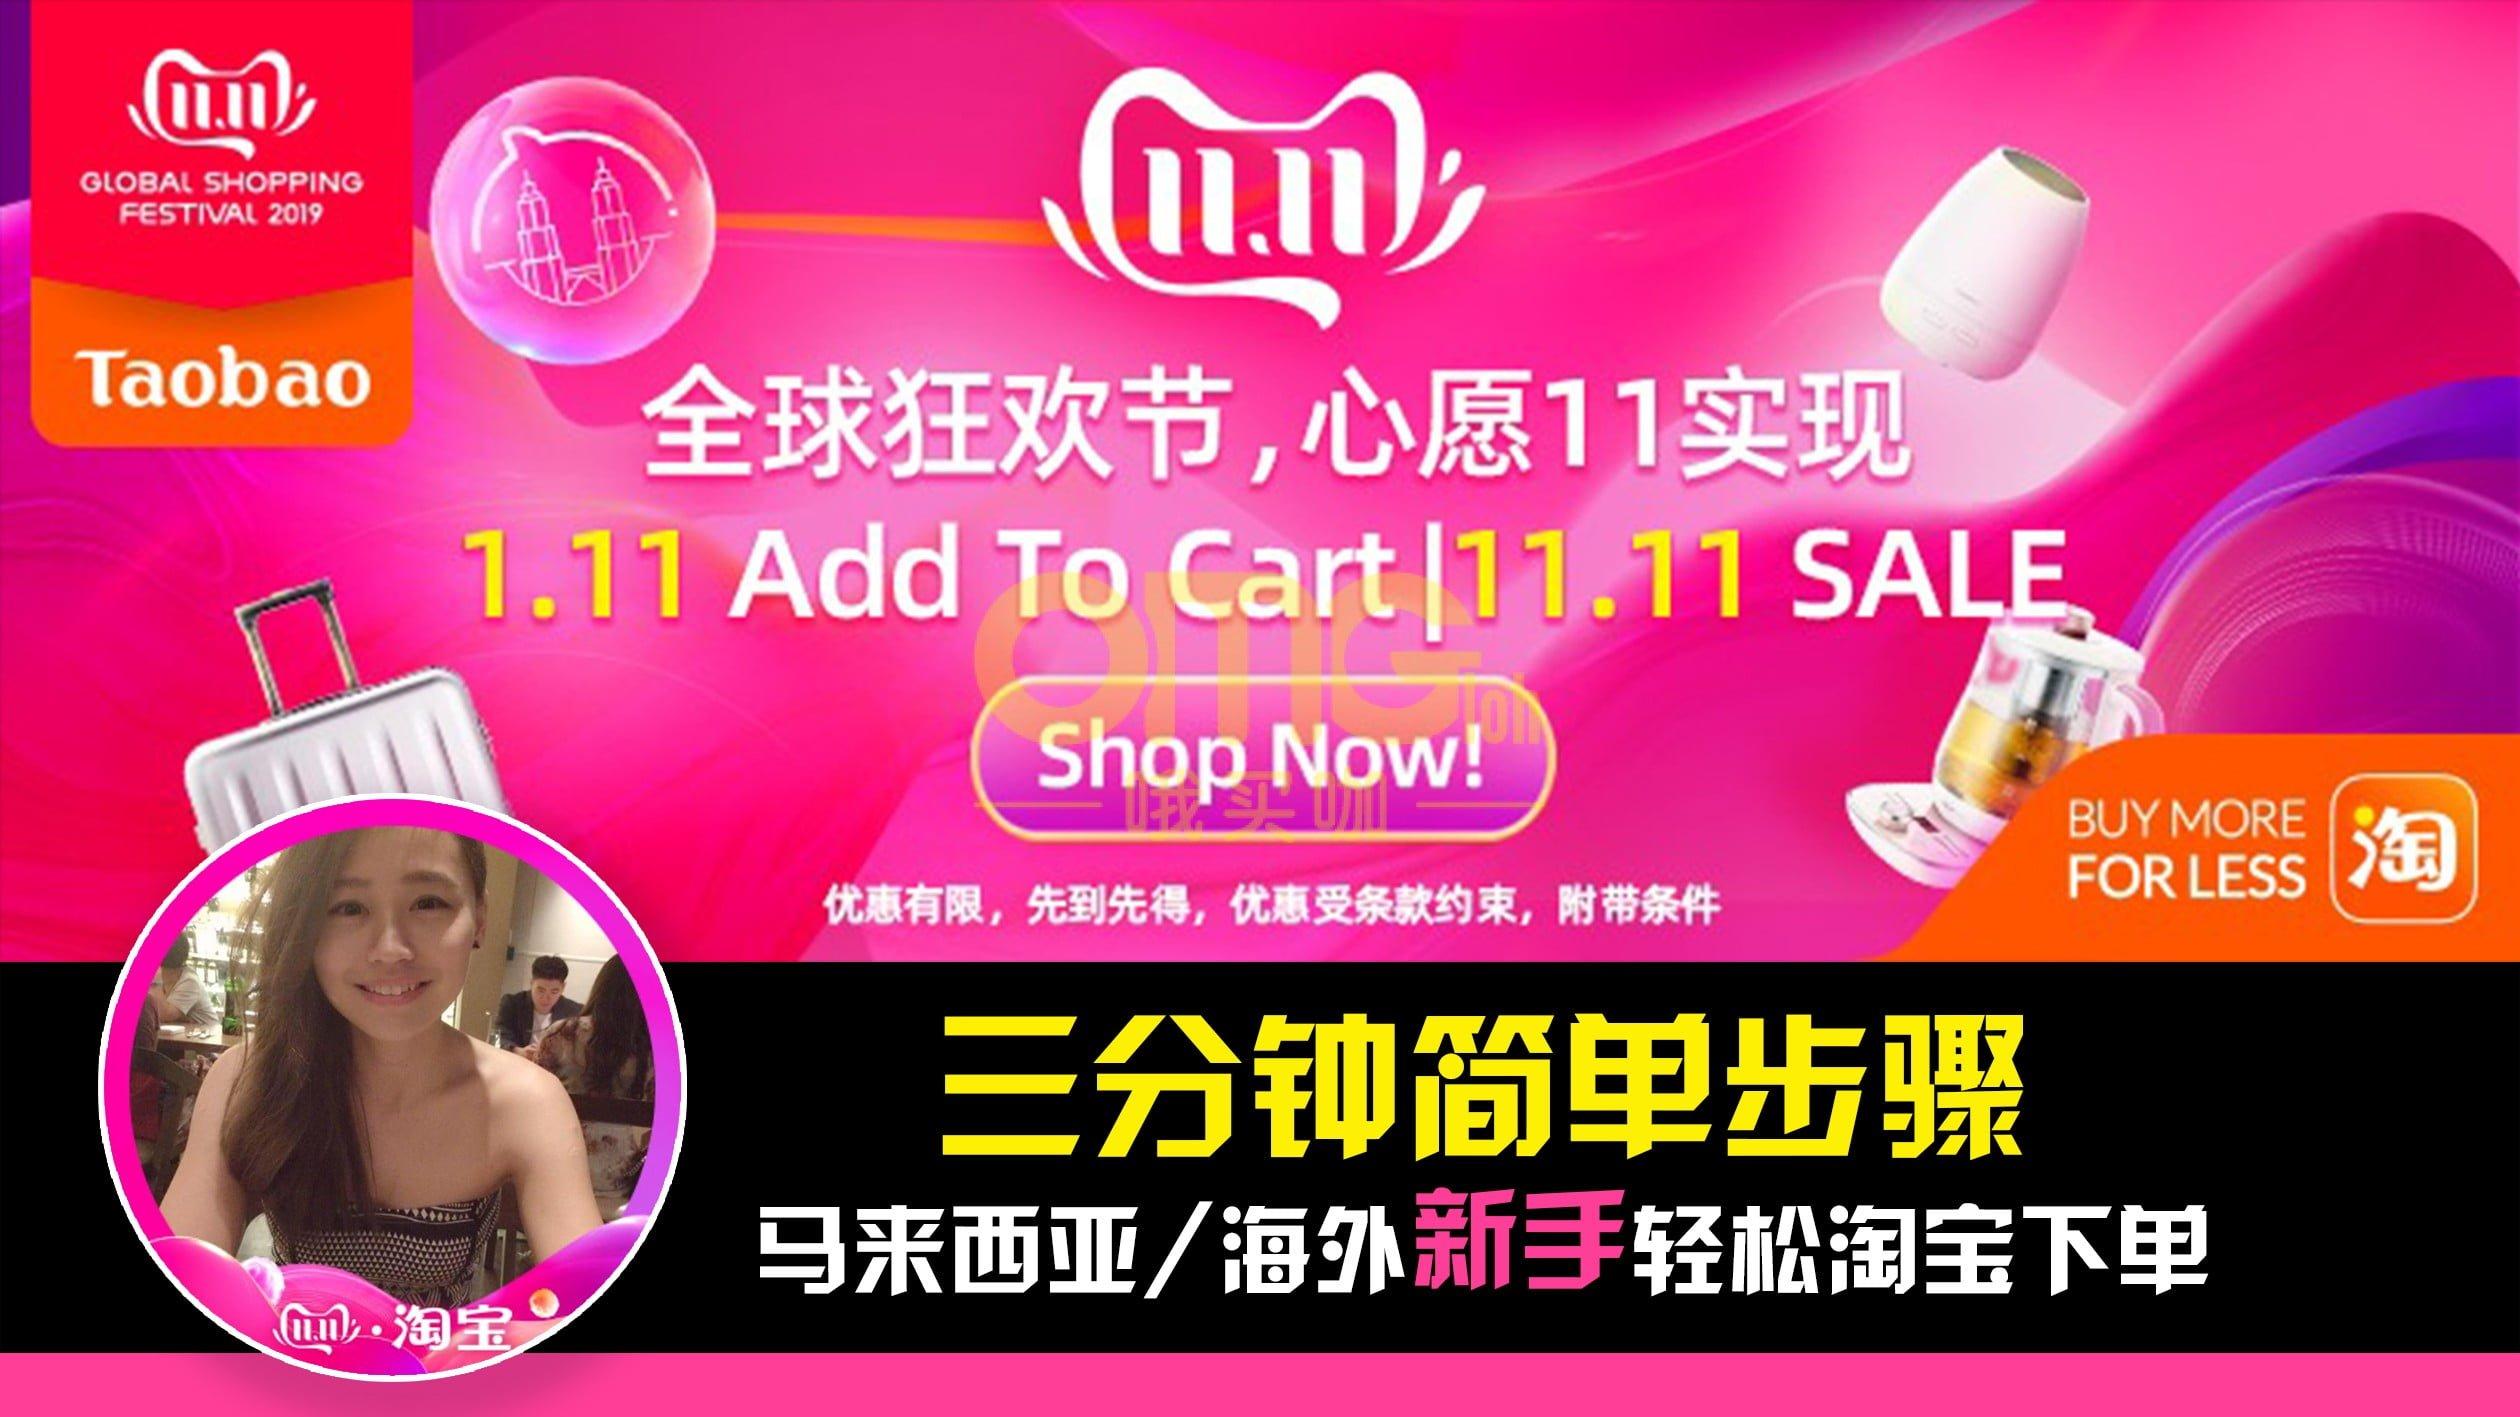 Taobao Step Cover at omgloh.com